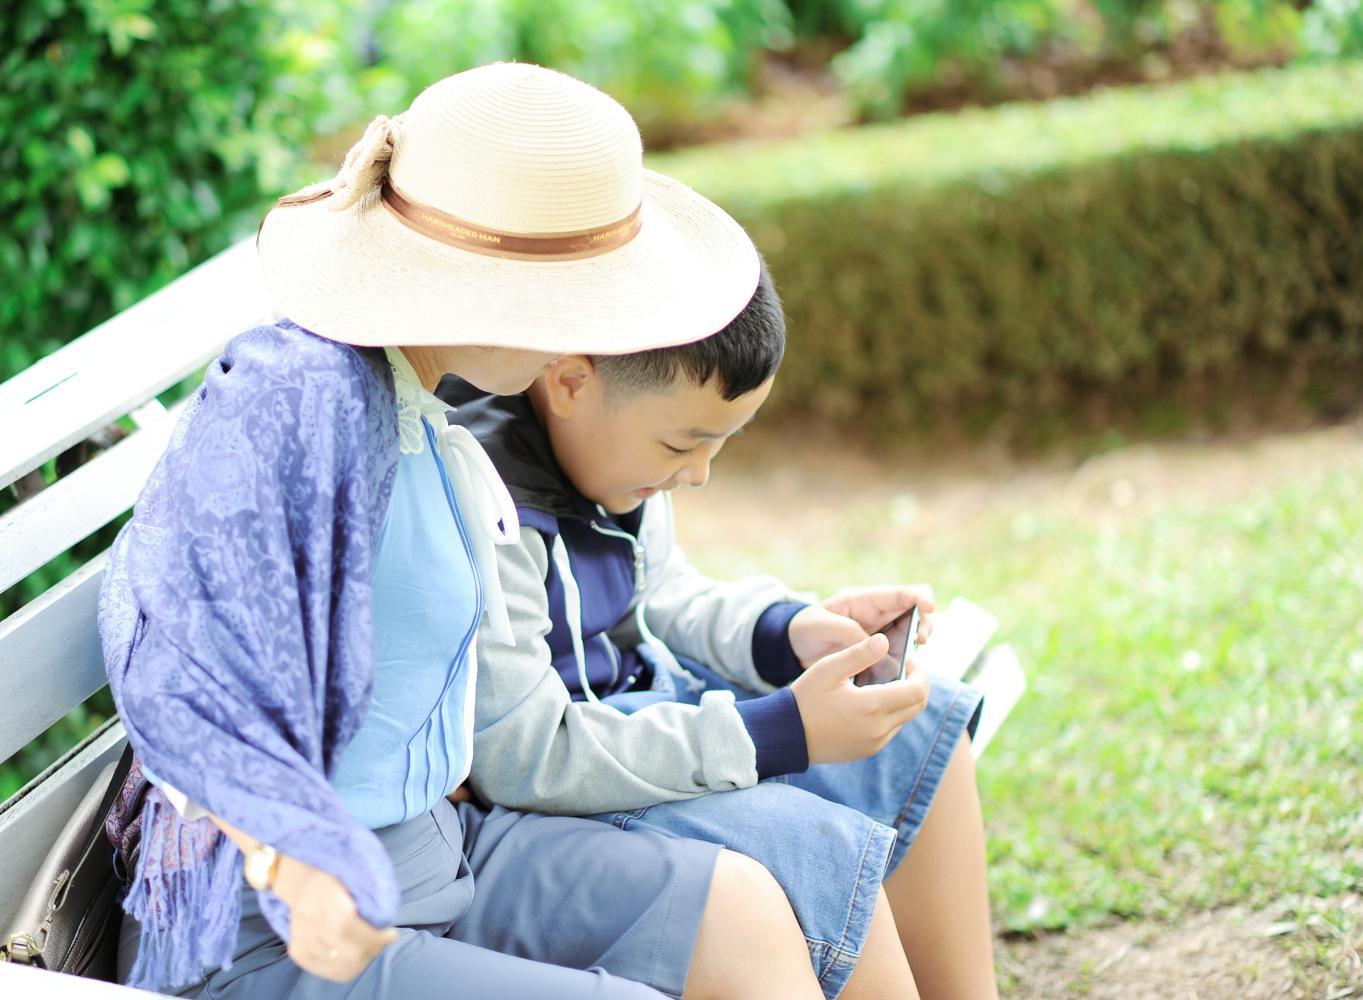 针对自闭症儿童早期干预的方法建议: 行为驱动法